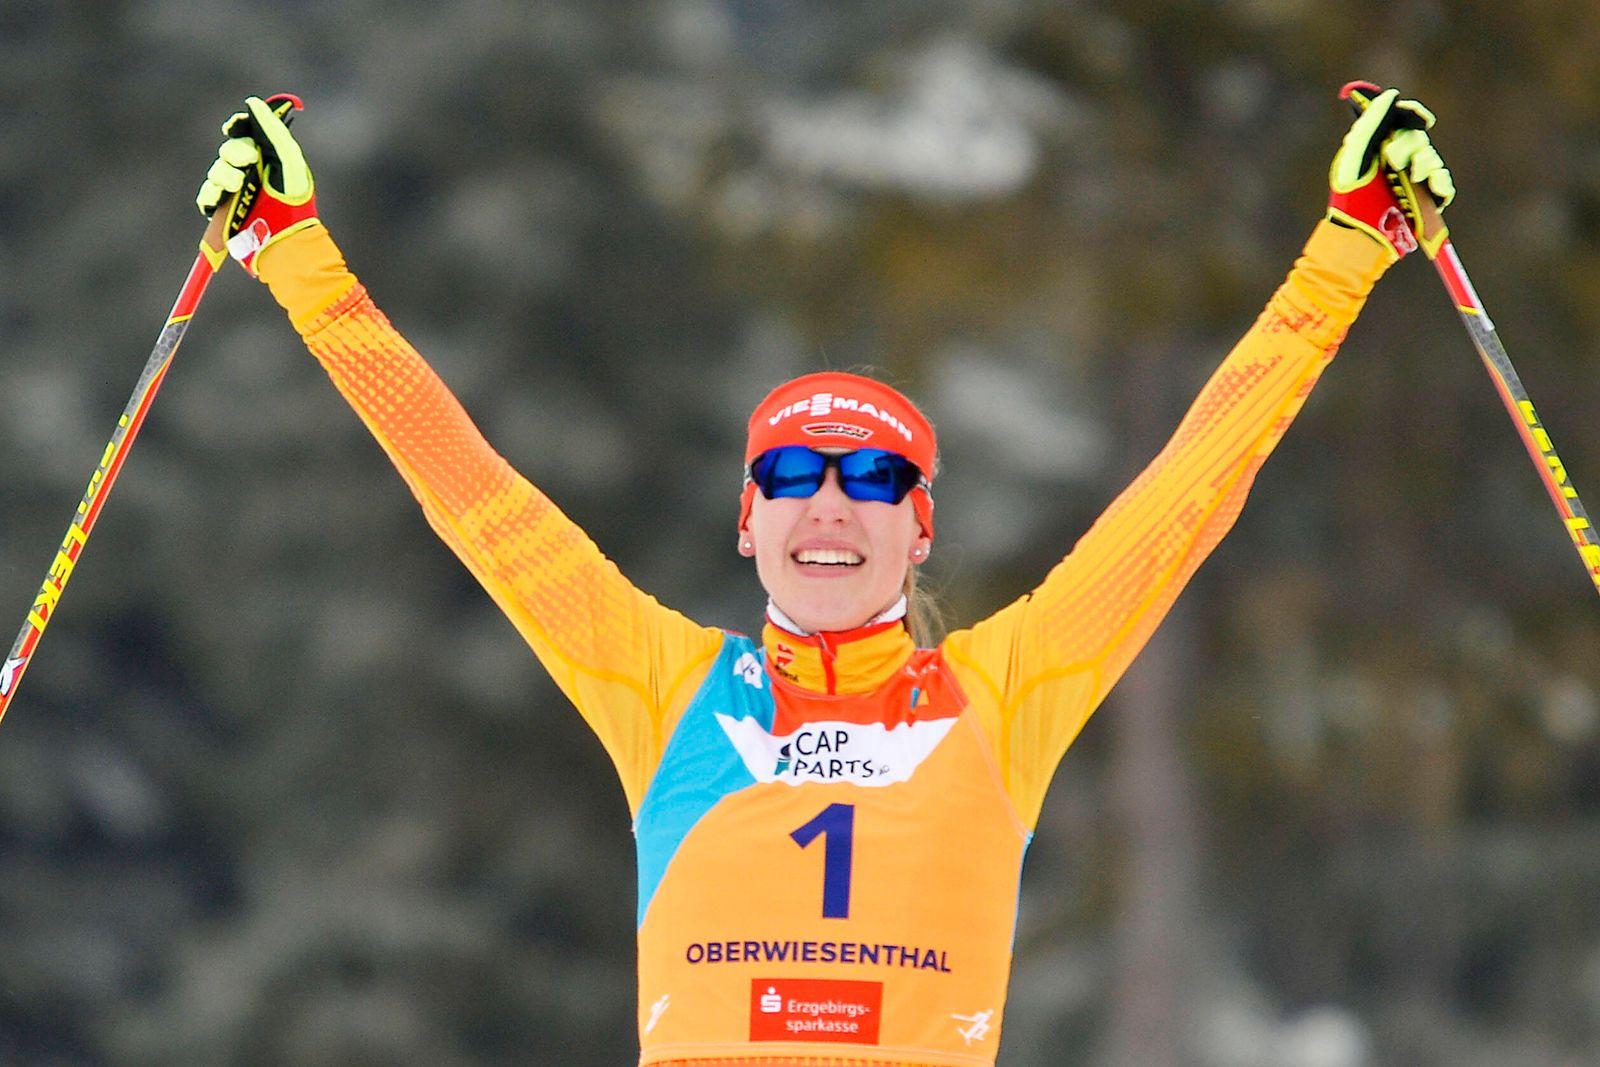 Nordische Junioren-Ski-WM und U23-Langlauf-WM in Oberwiesenthal (04.03.2020) - Nordische Kombination der Juniorinnen Jen